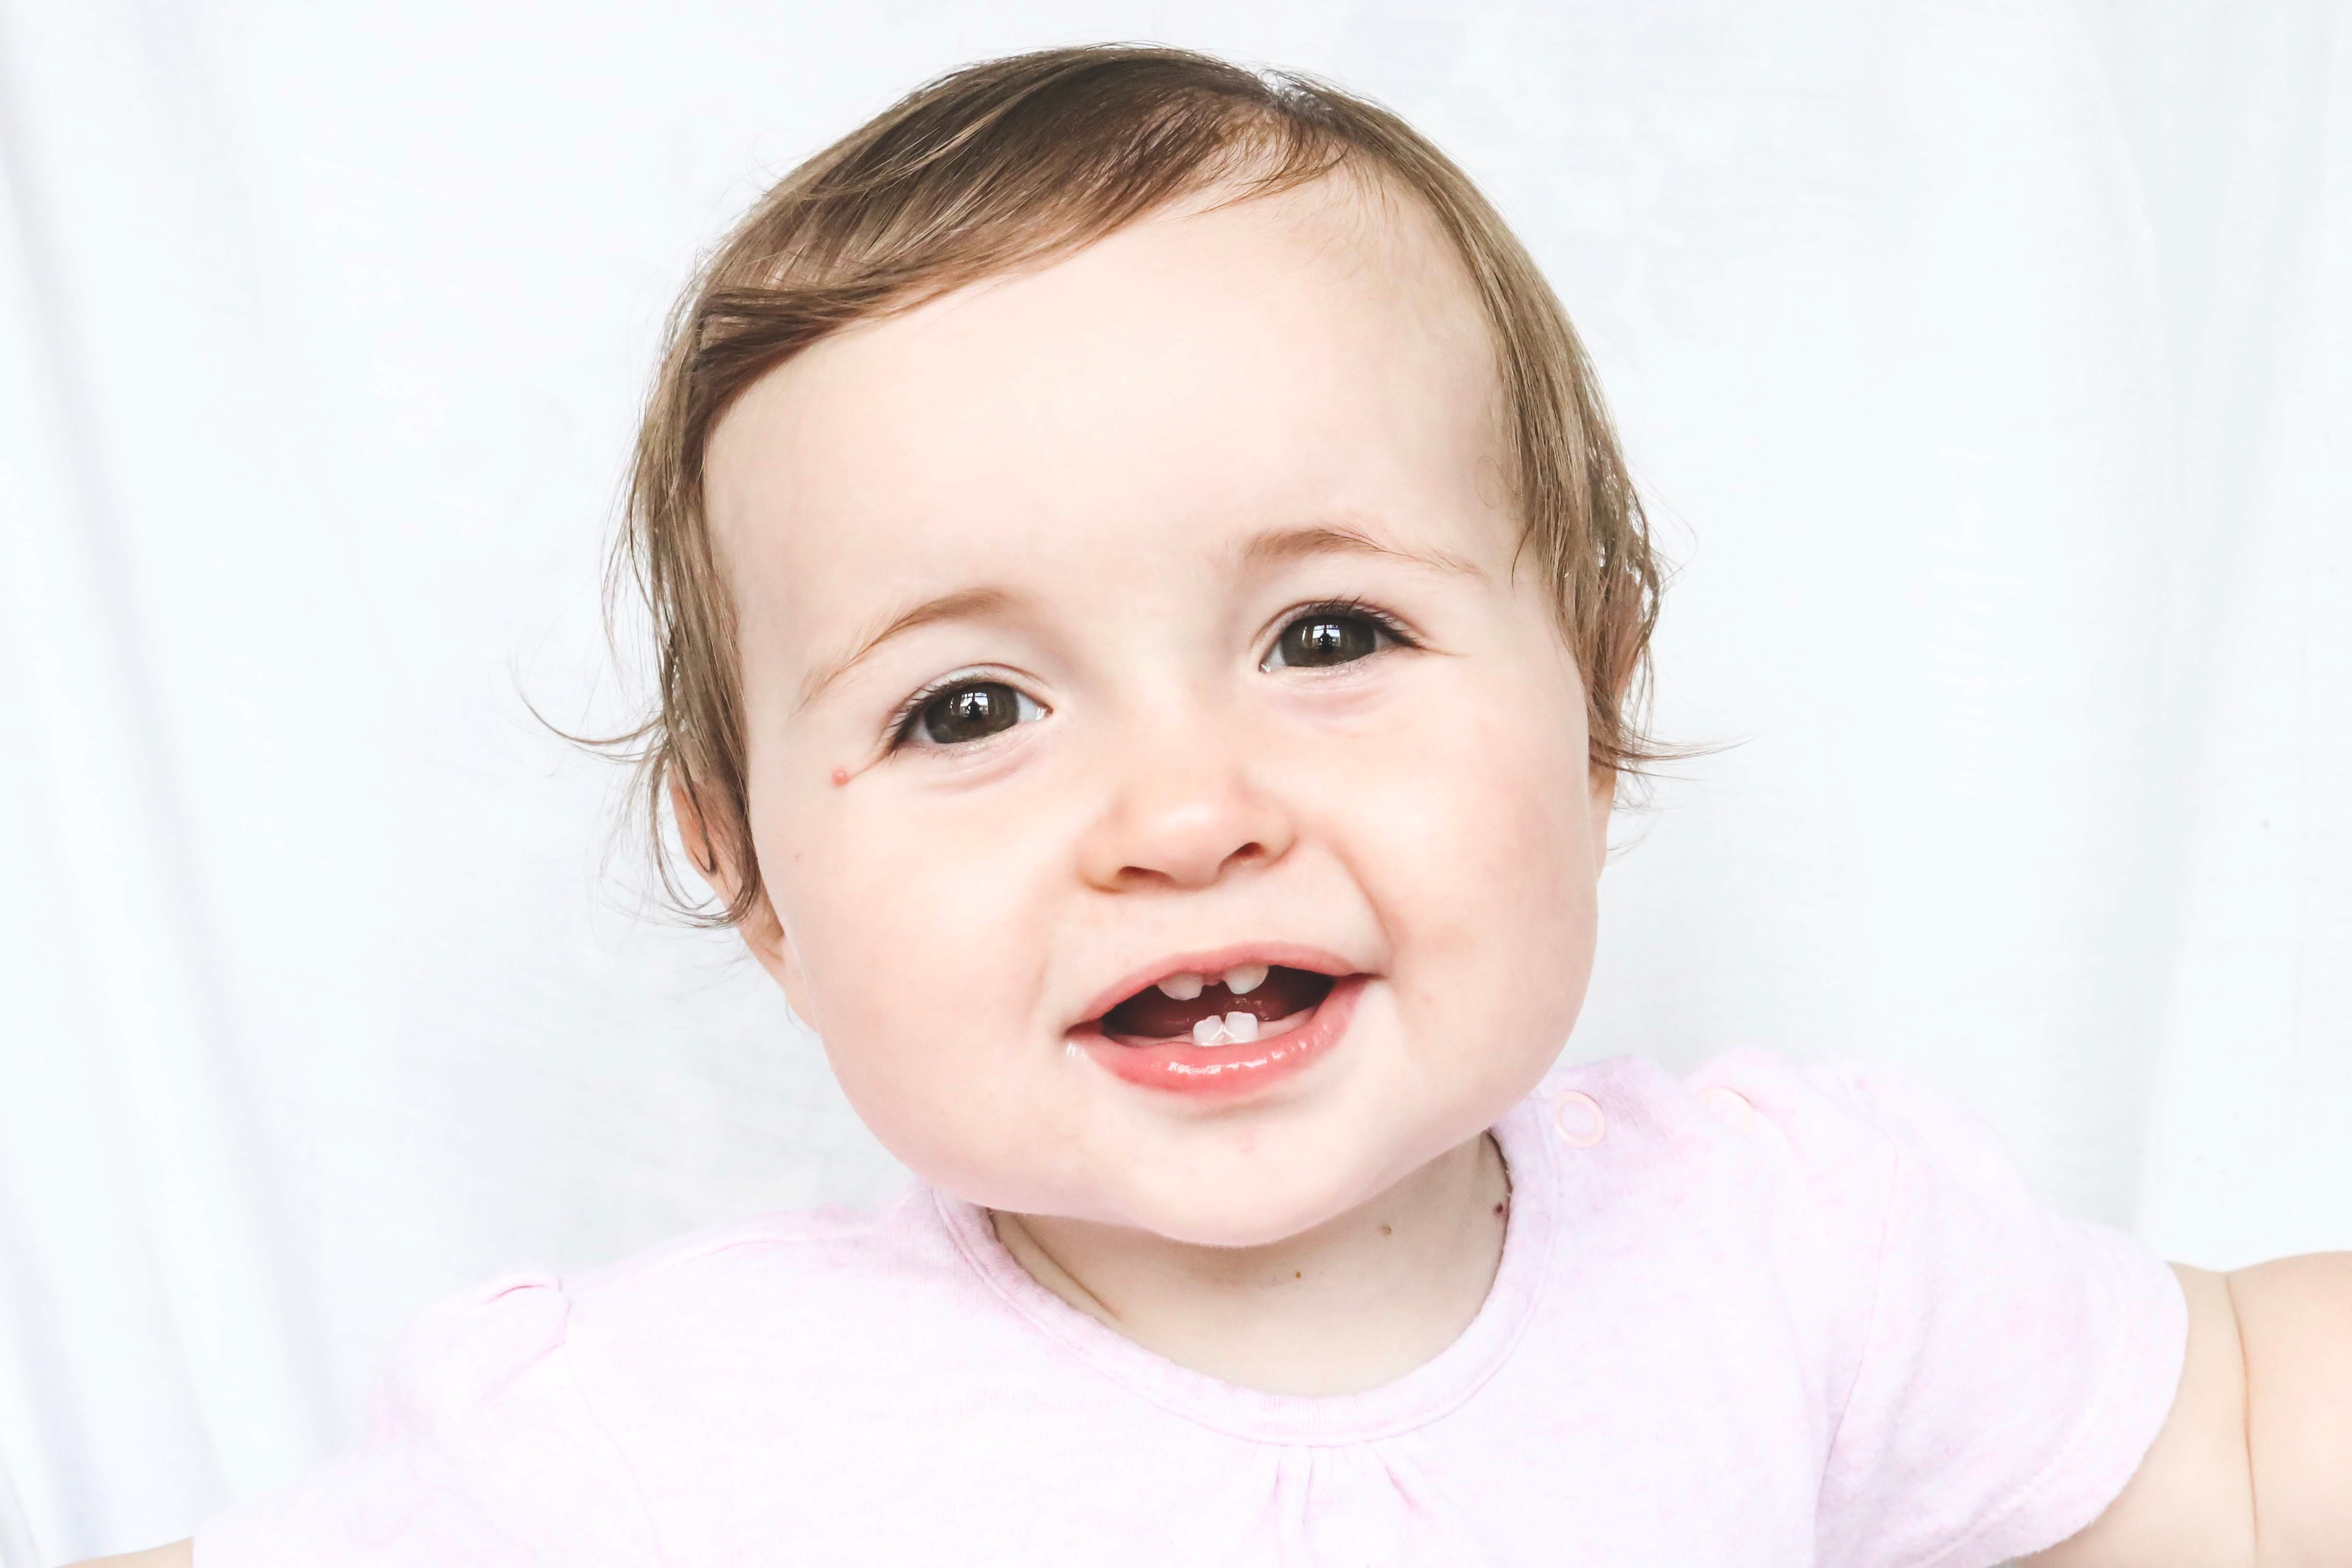 Bebé sonriente mostrando cuatro dientes de leche